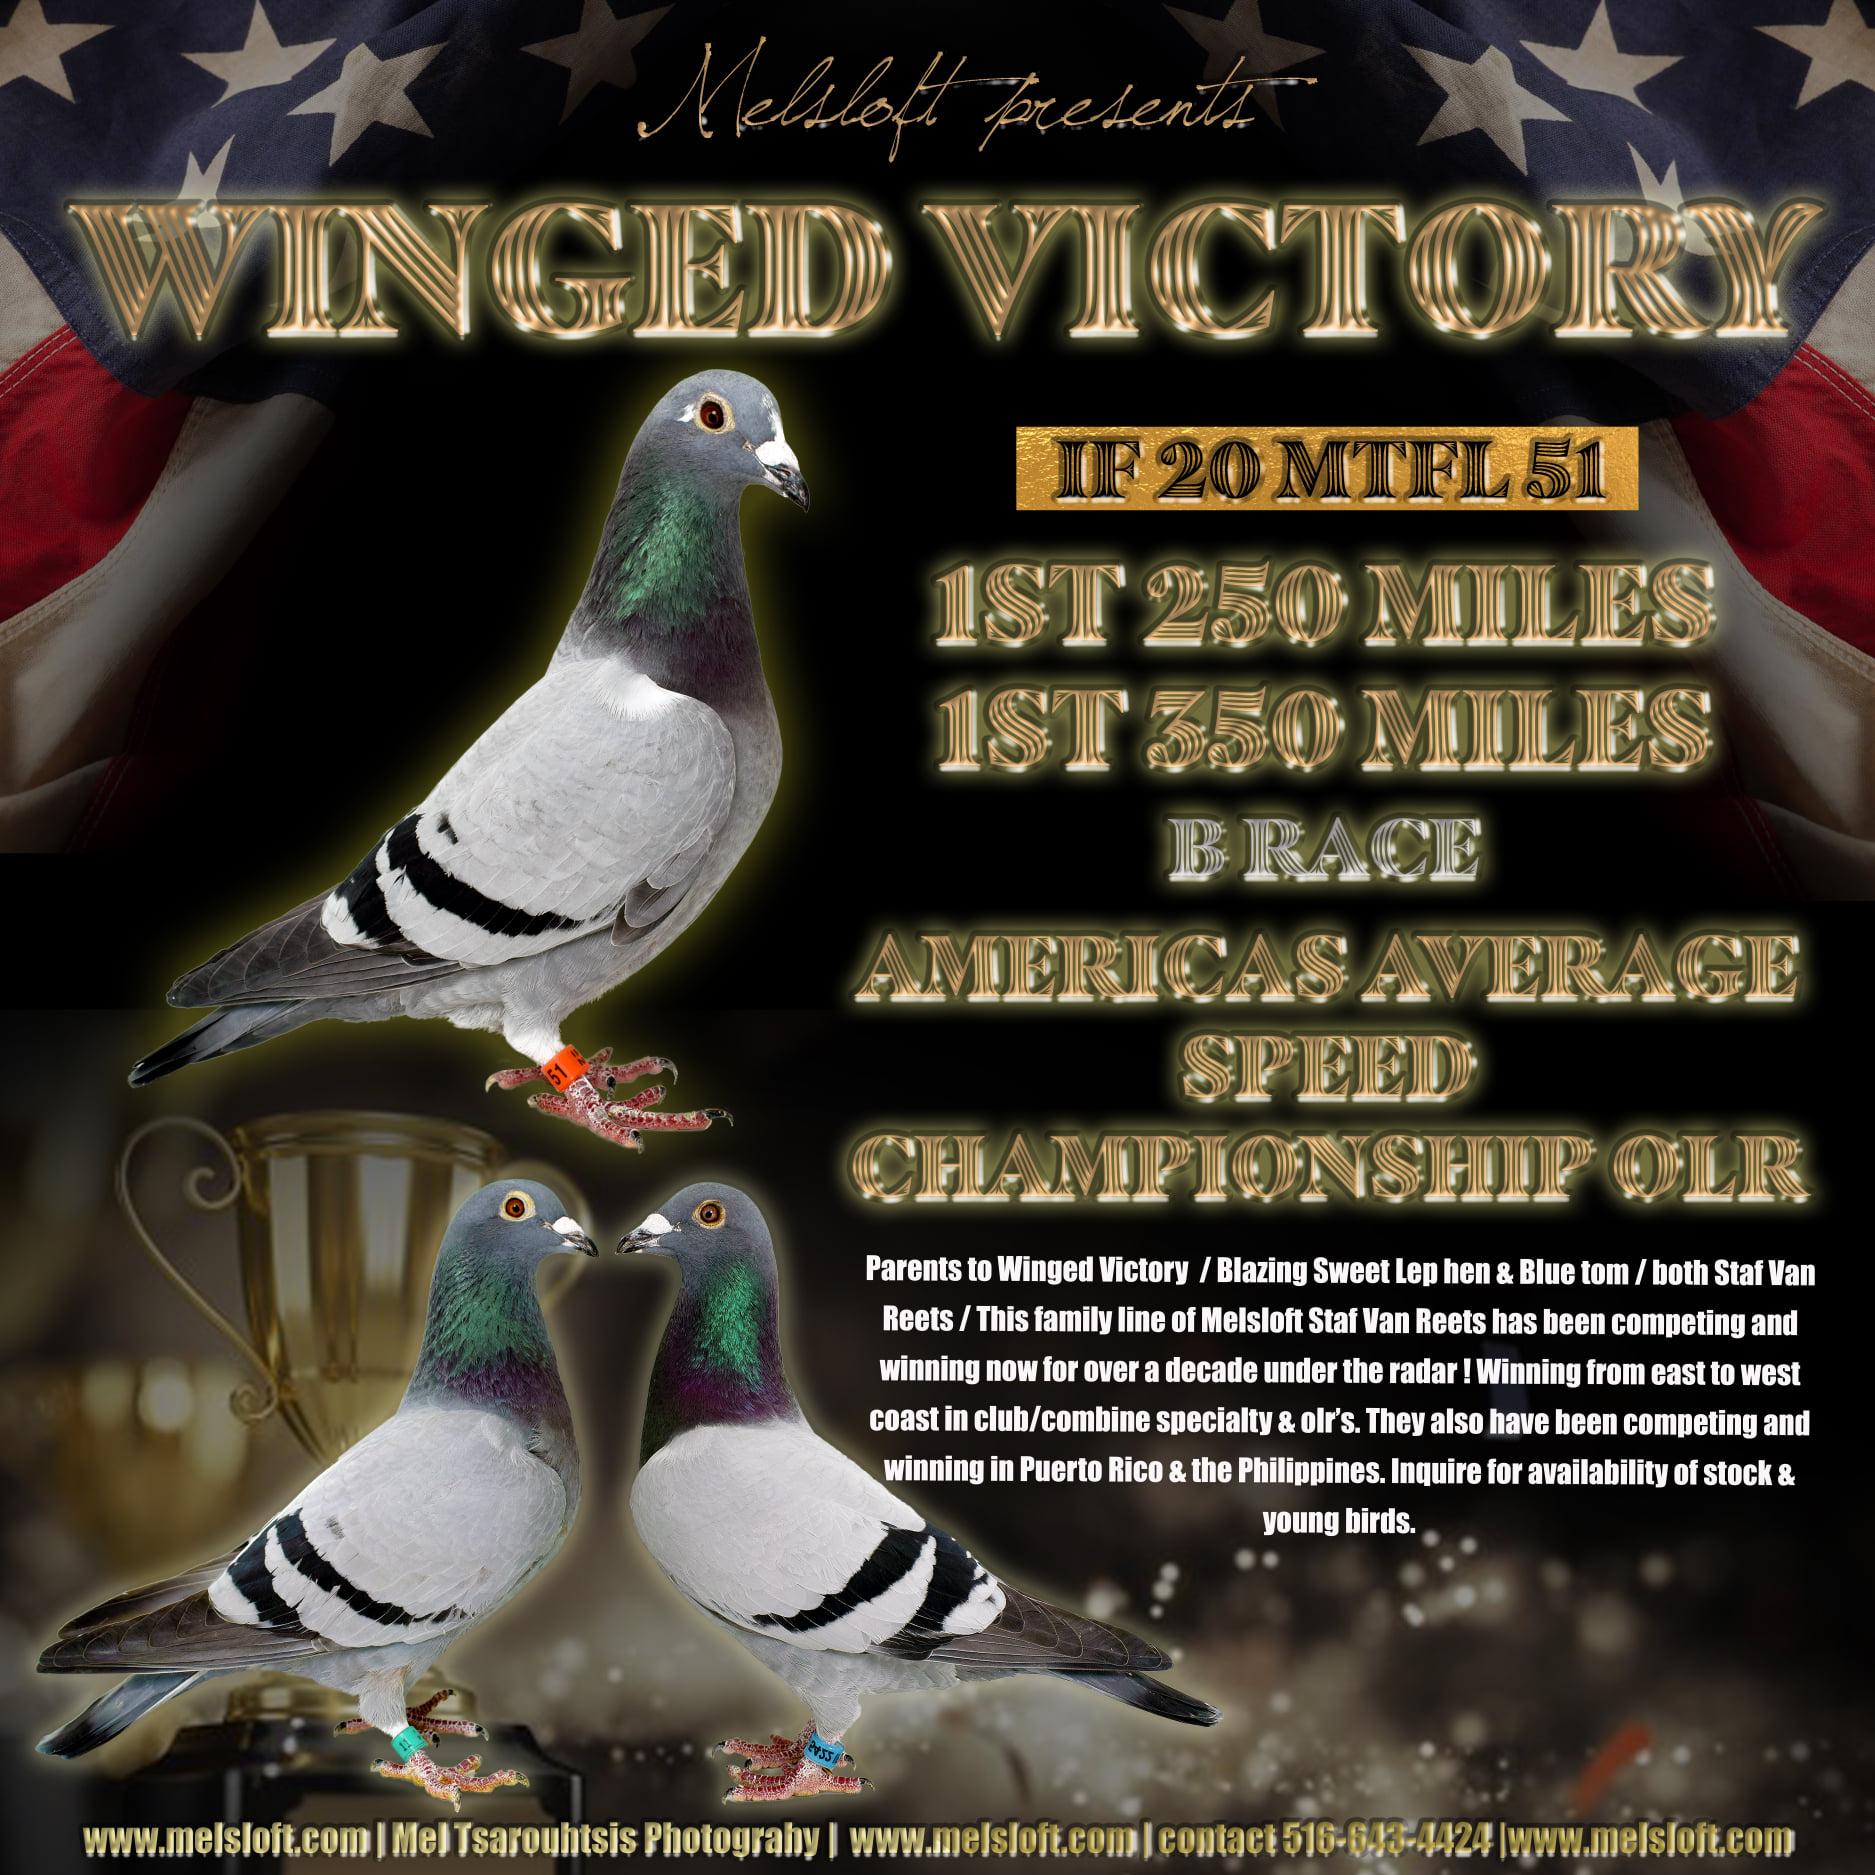 WINGED VICTORY 1ST AAS OLR 250 MILES/1ST 350M MILES B RACE